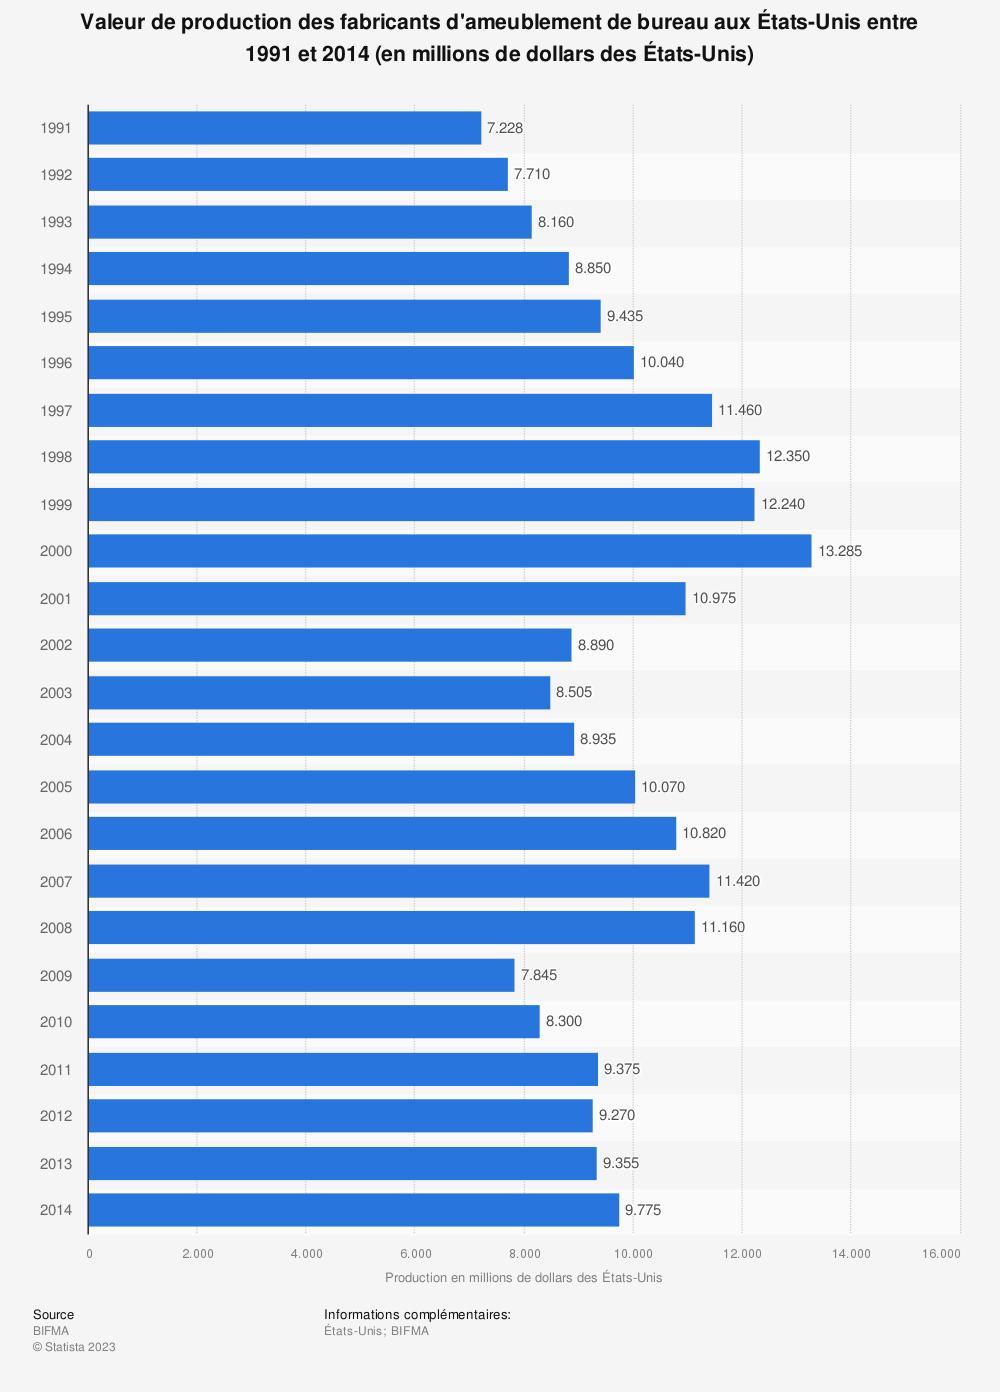 Statistique: Valeur de production des fabricants d'ameublement de bureau aux États-Unis entre 1991 et 2014 (en millions de dollars des États-Unis) | Statista